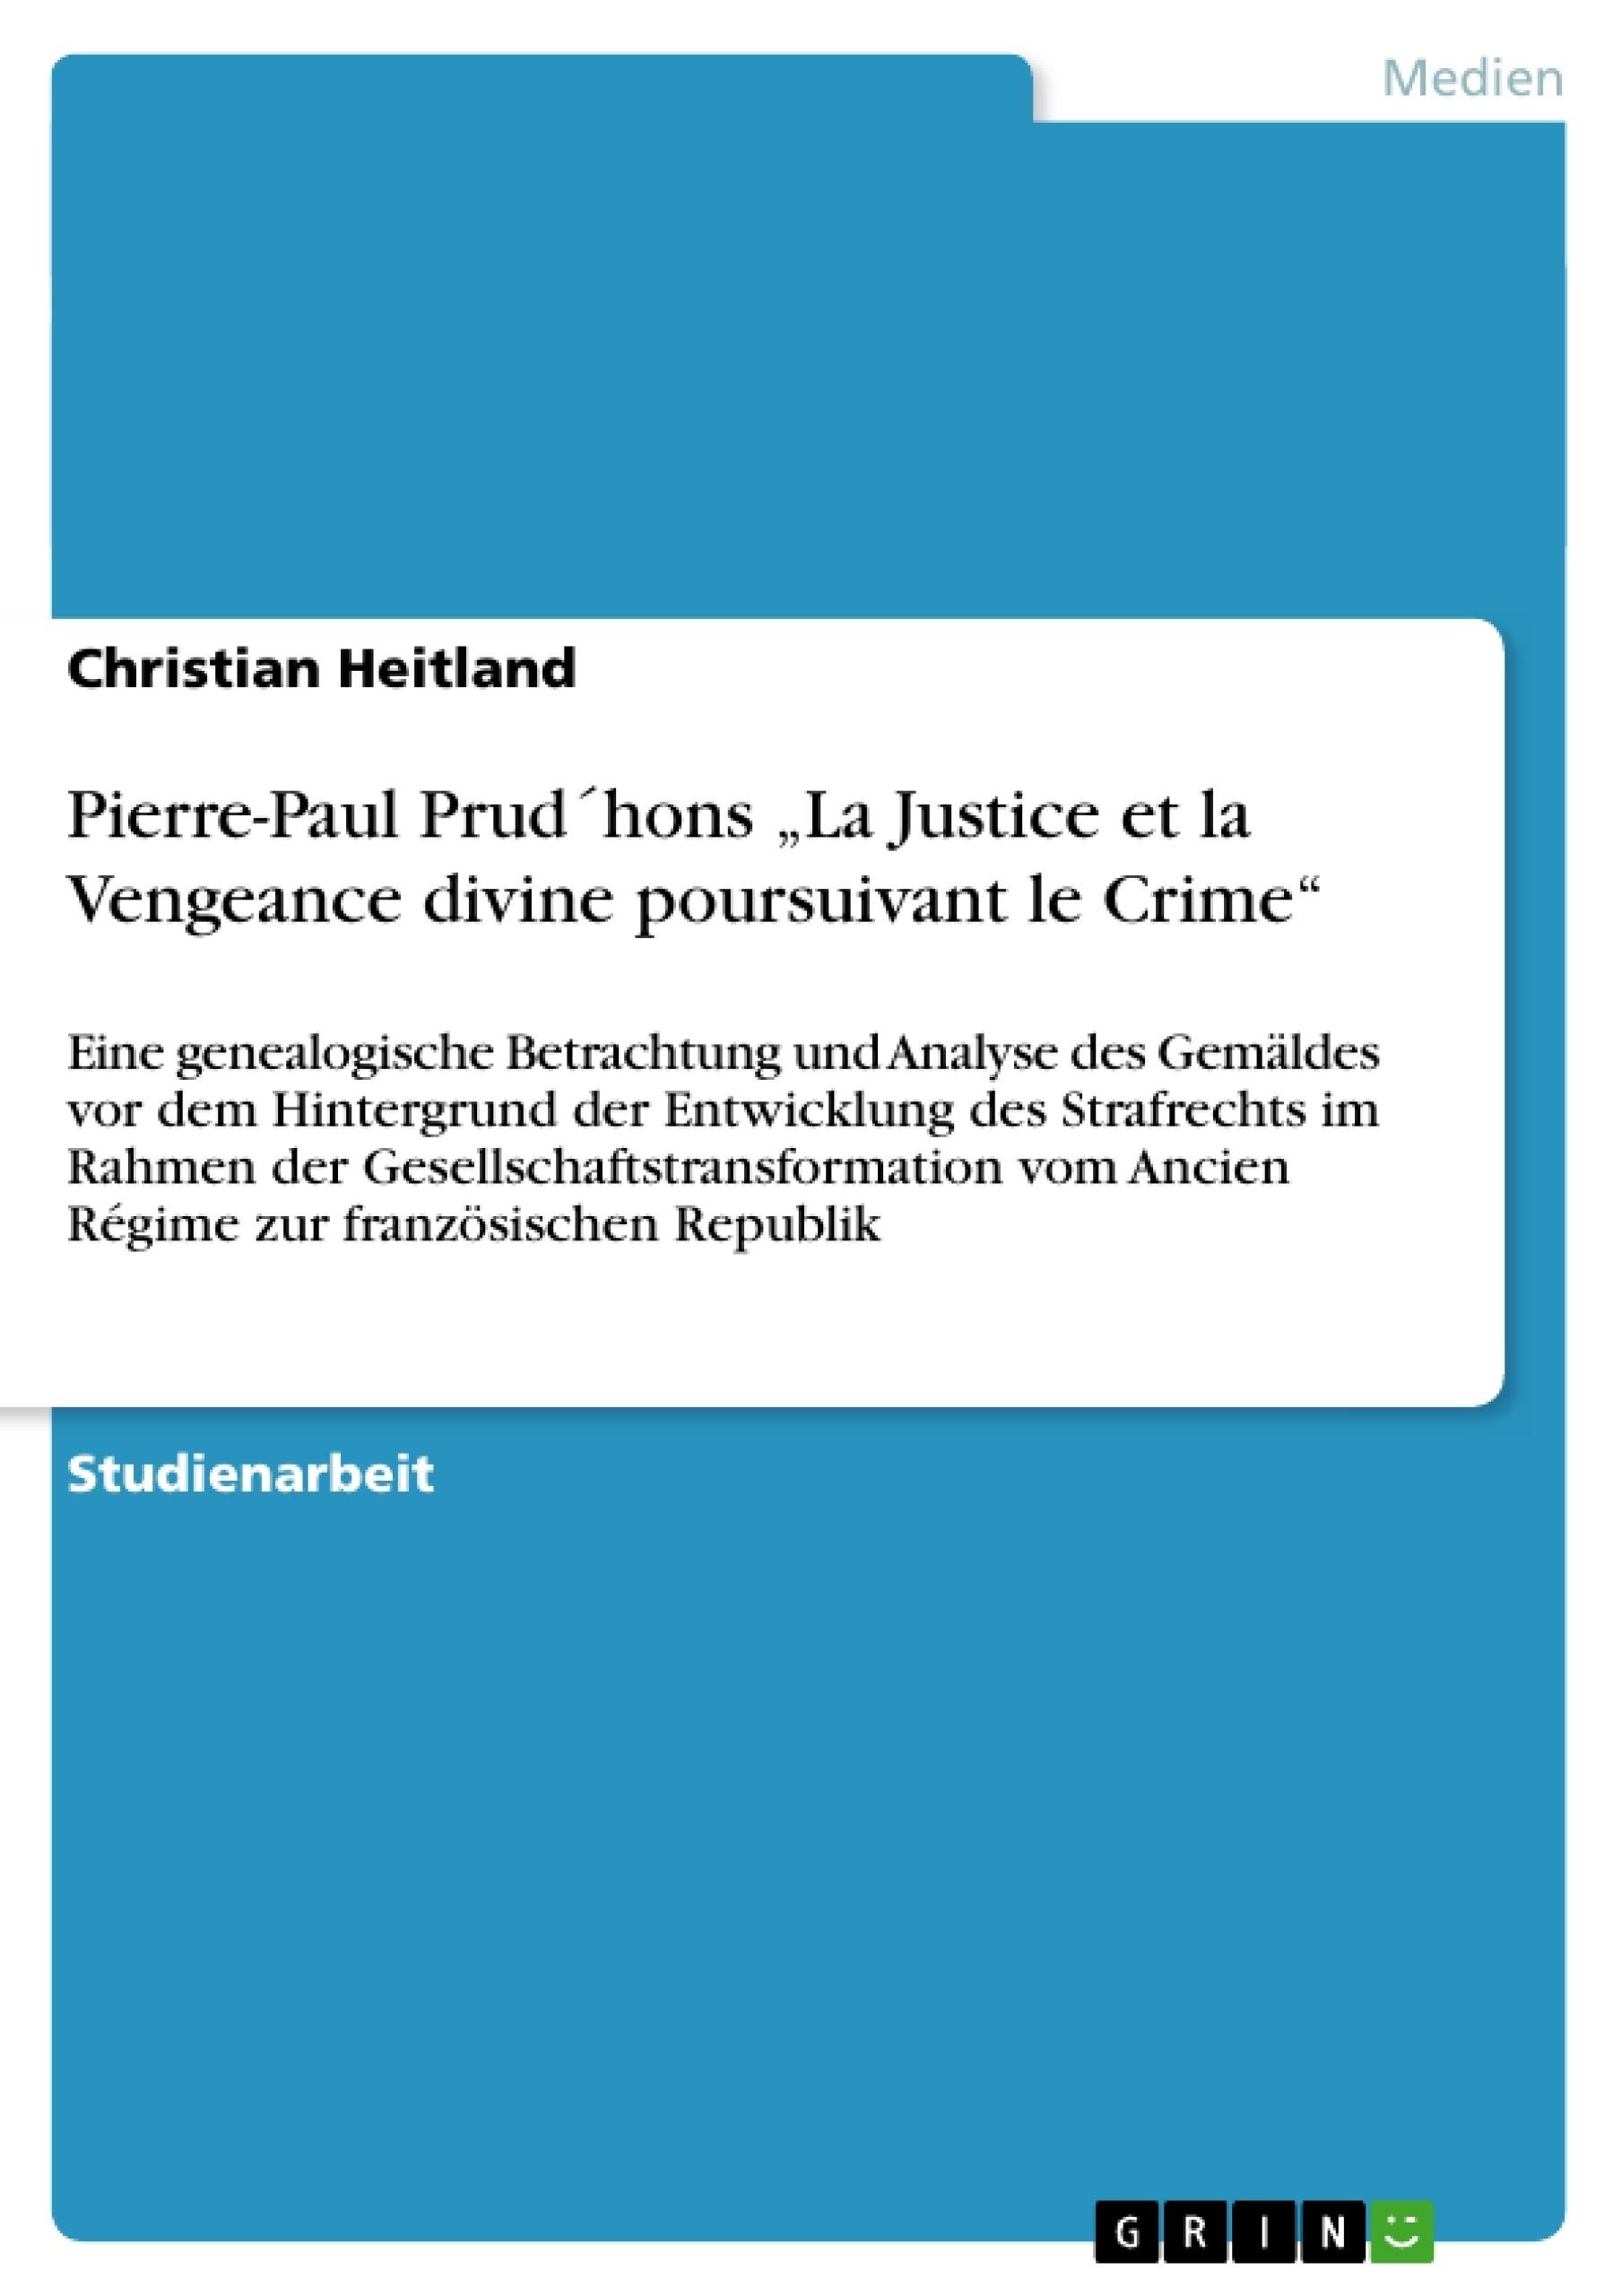 """Titel: Pierre-Paul Prud´hons """"La Justice et la Vengeance divine poursuivant le Crime"""""""